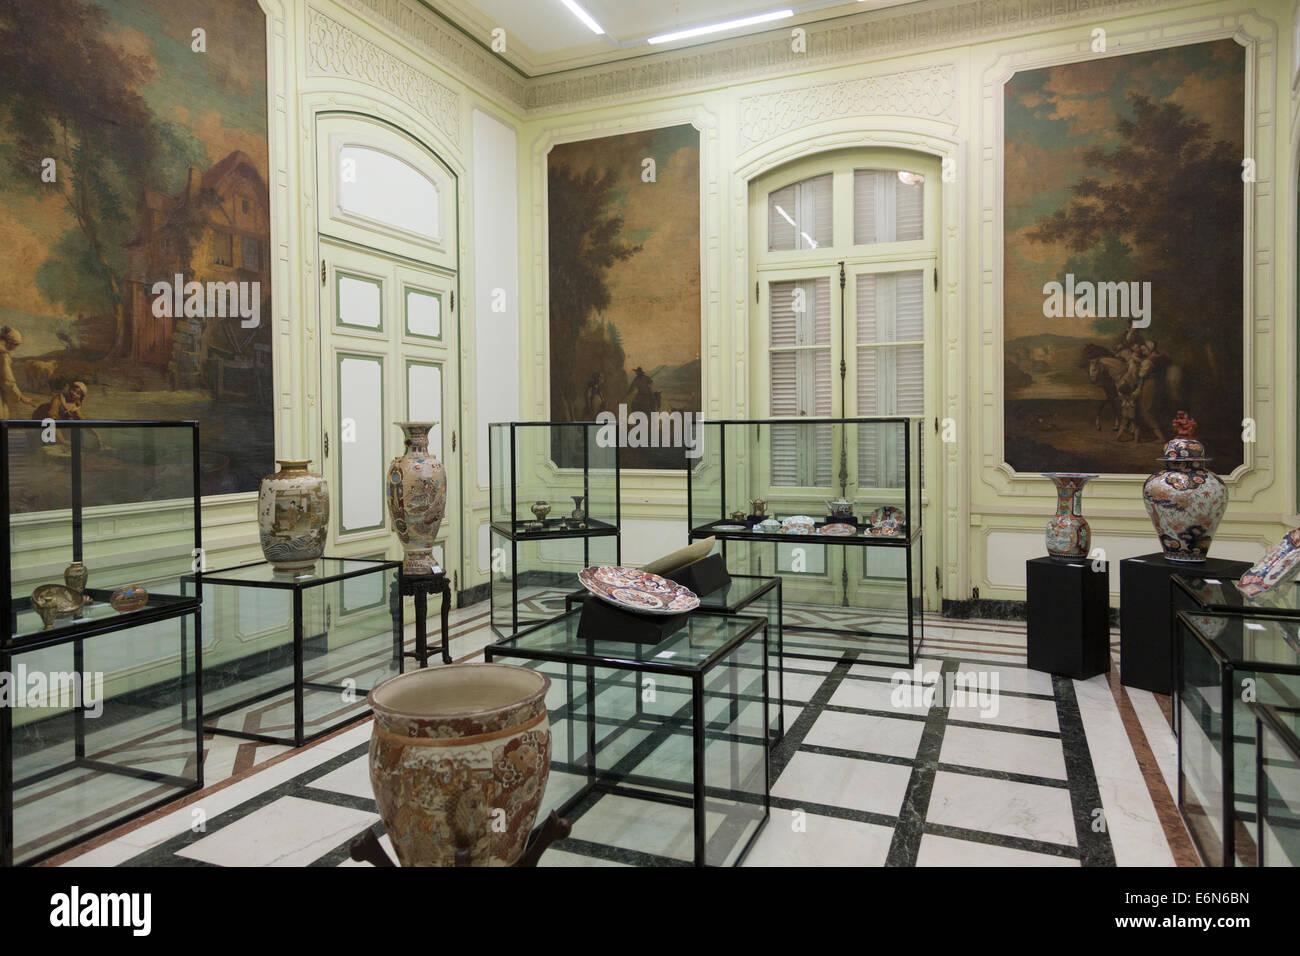 Camera giapponese, il Museo di Arti Decorative, Havana, Cuba Immagini Stock